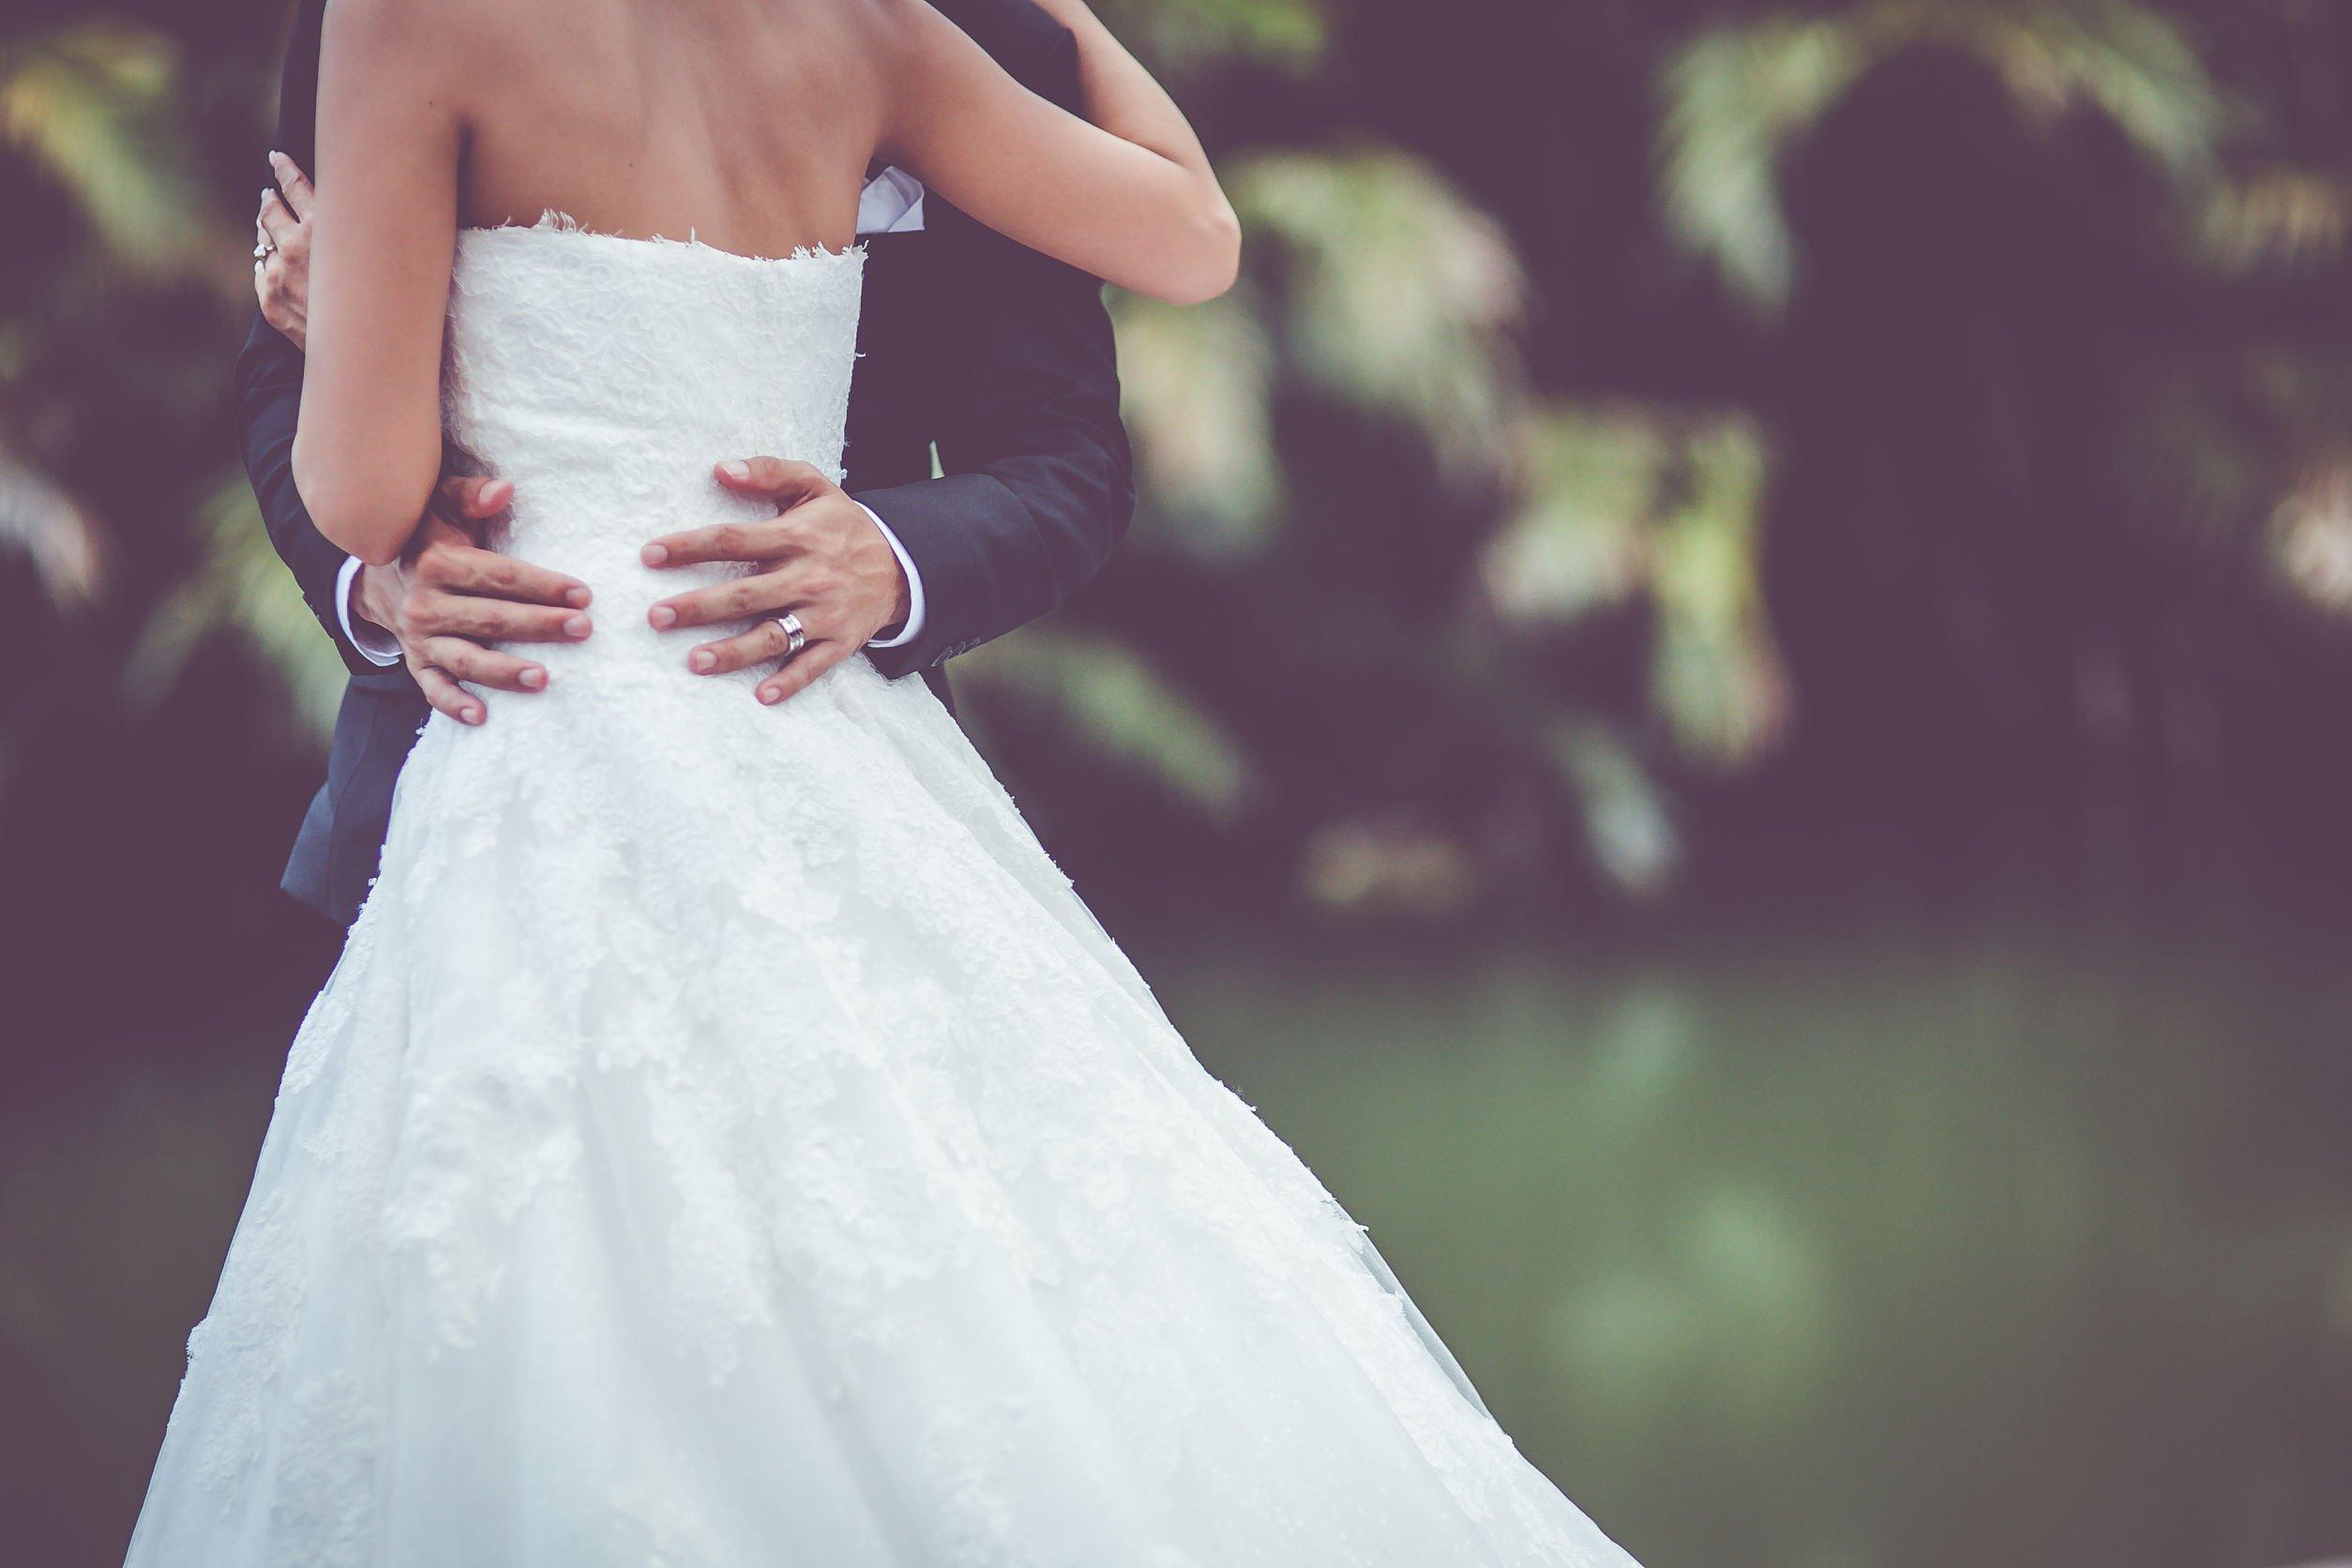 Frase De Casamento Aos Noivos: Mensagens De Casamento. Cumprimente Os Noivos